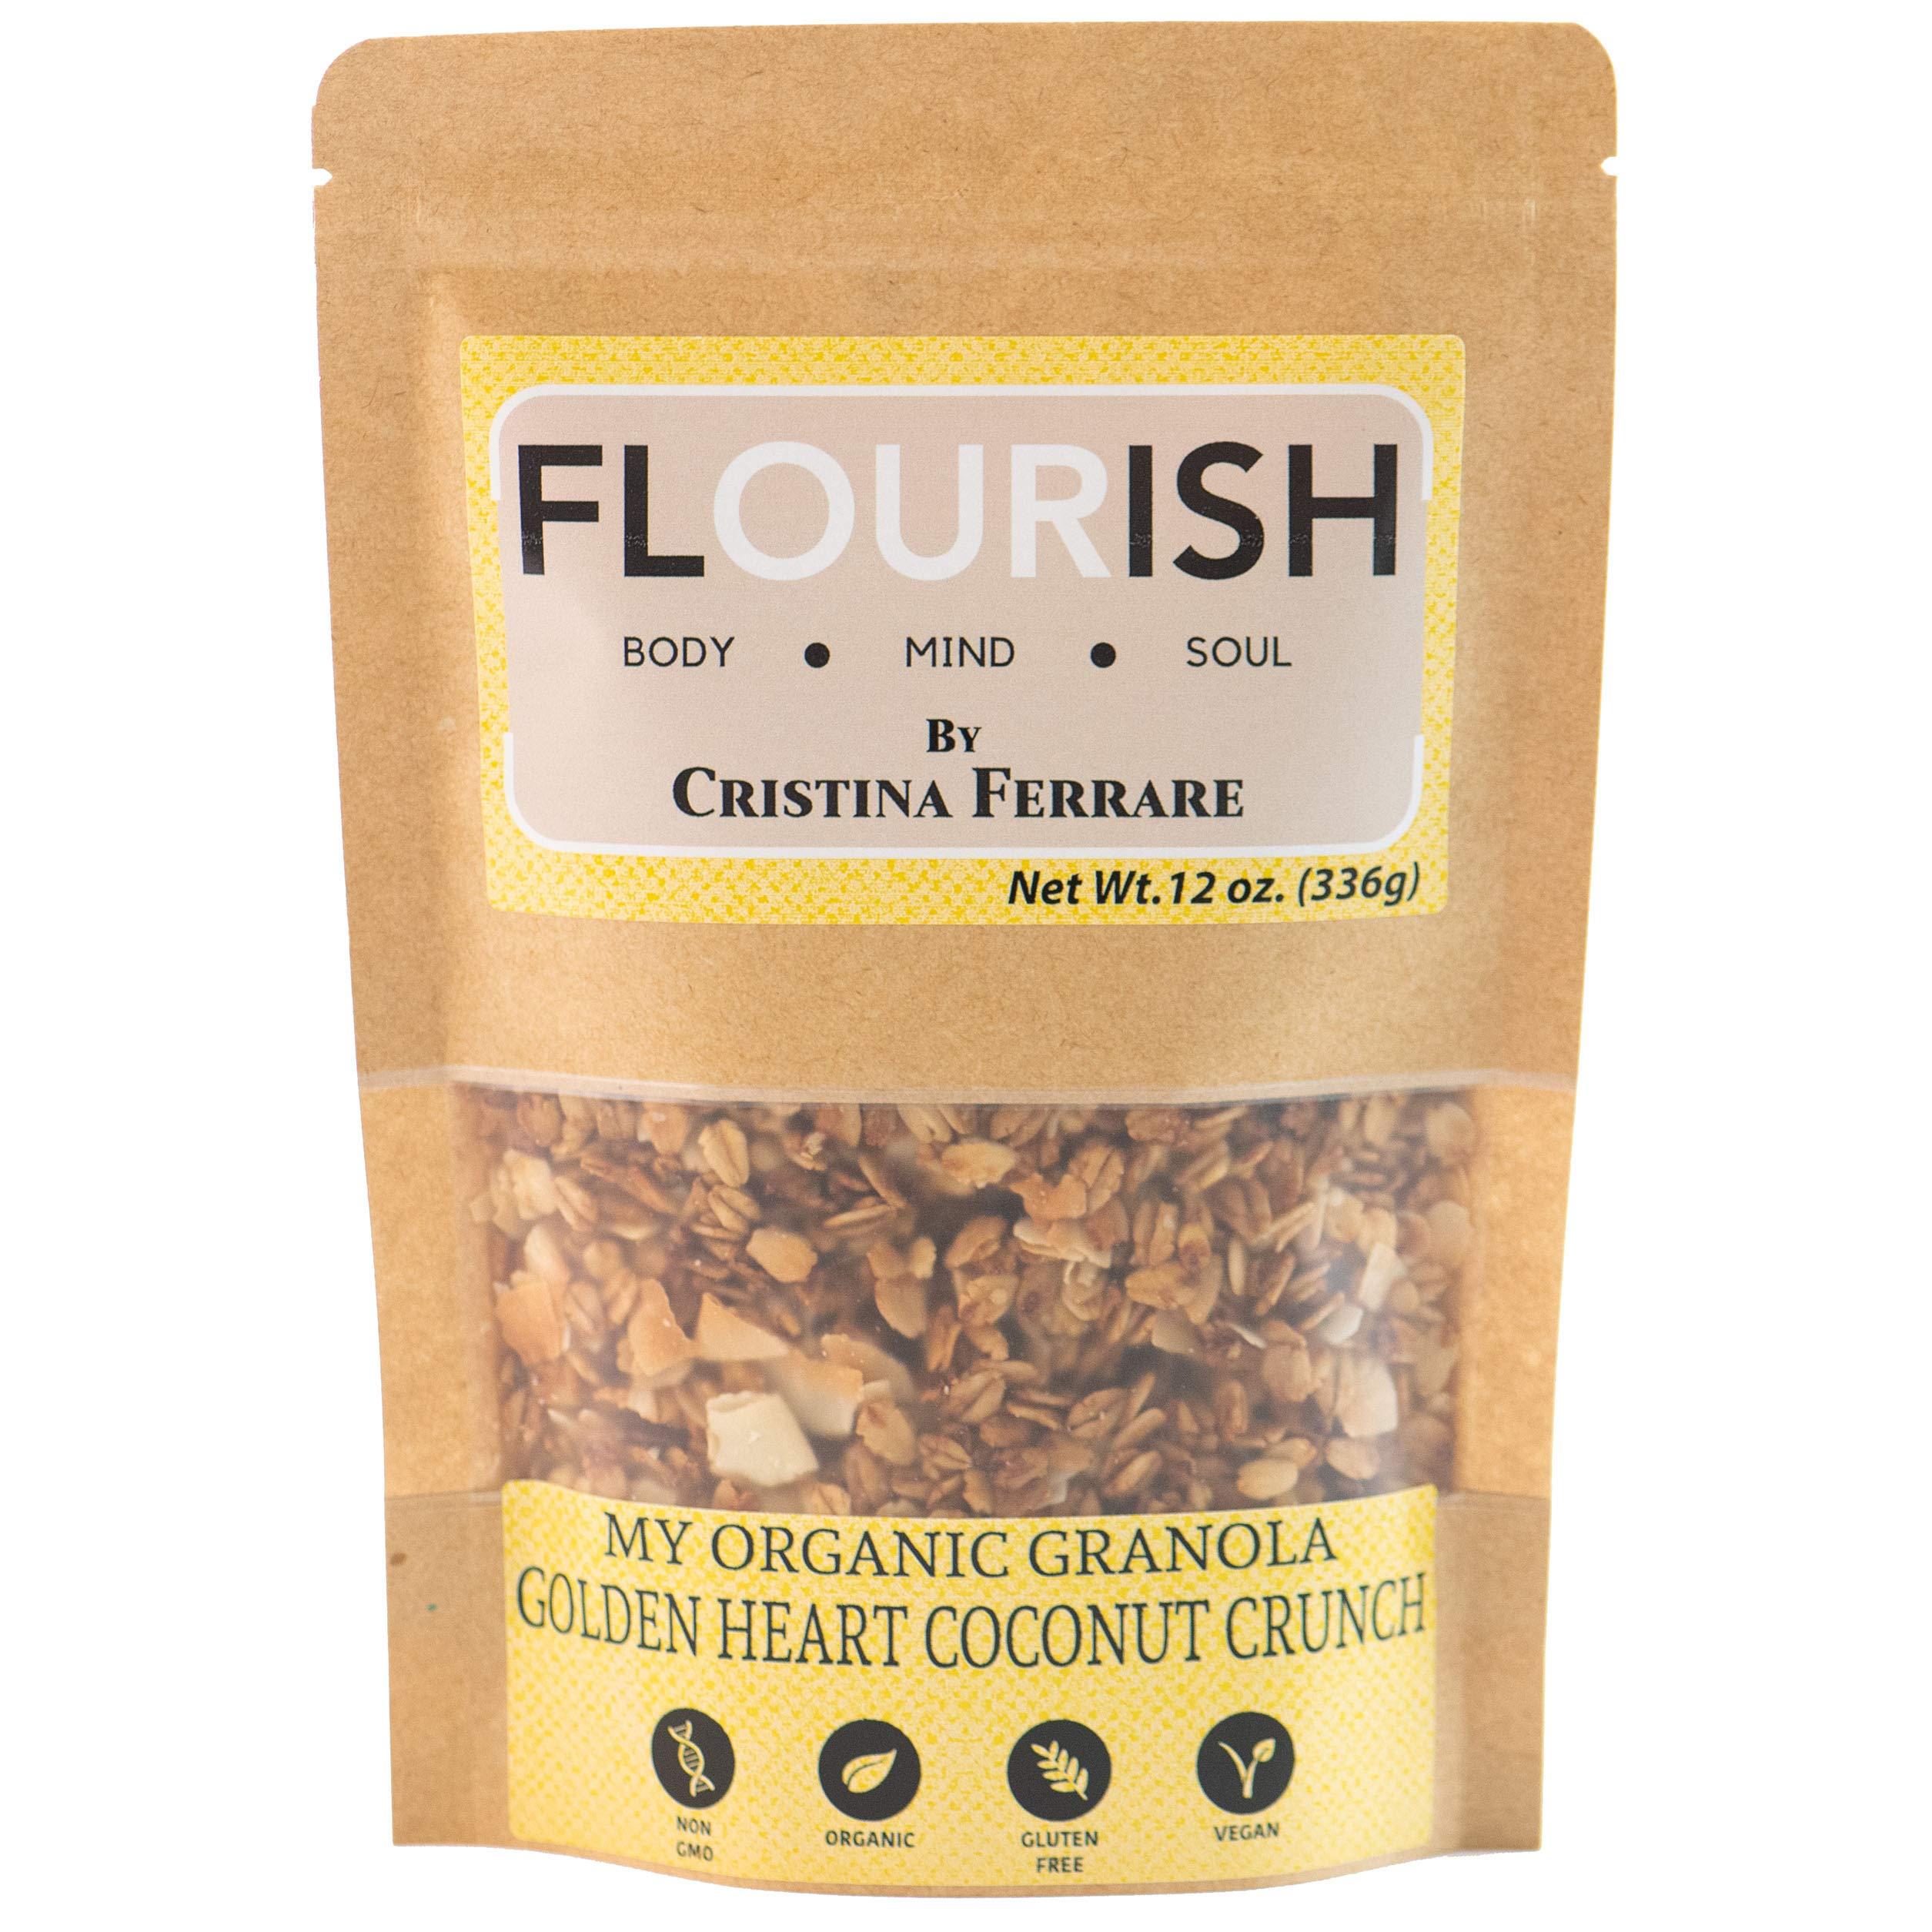 My Organic Granola By Cristina Ferrare (Golden Coconut Crunch) | Gluten-Free, Non GMO, Vegan, Healthy | 12 oz